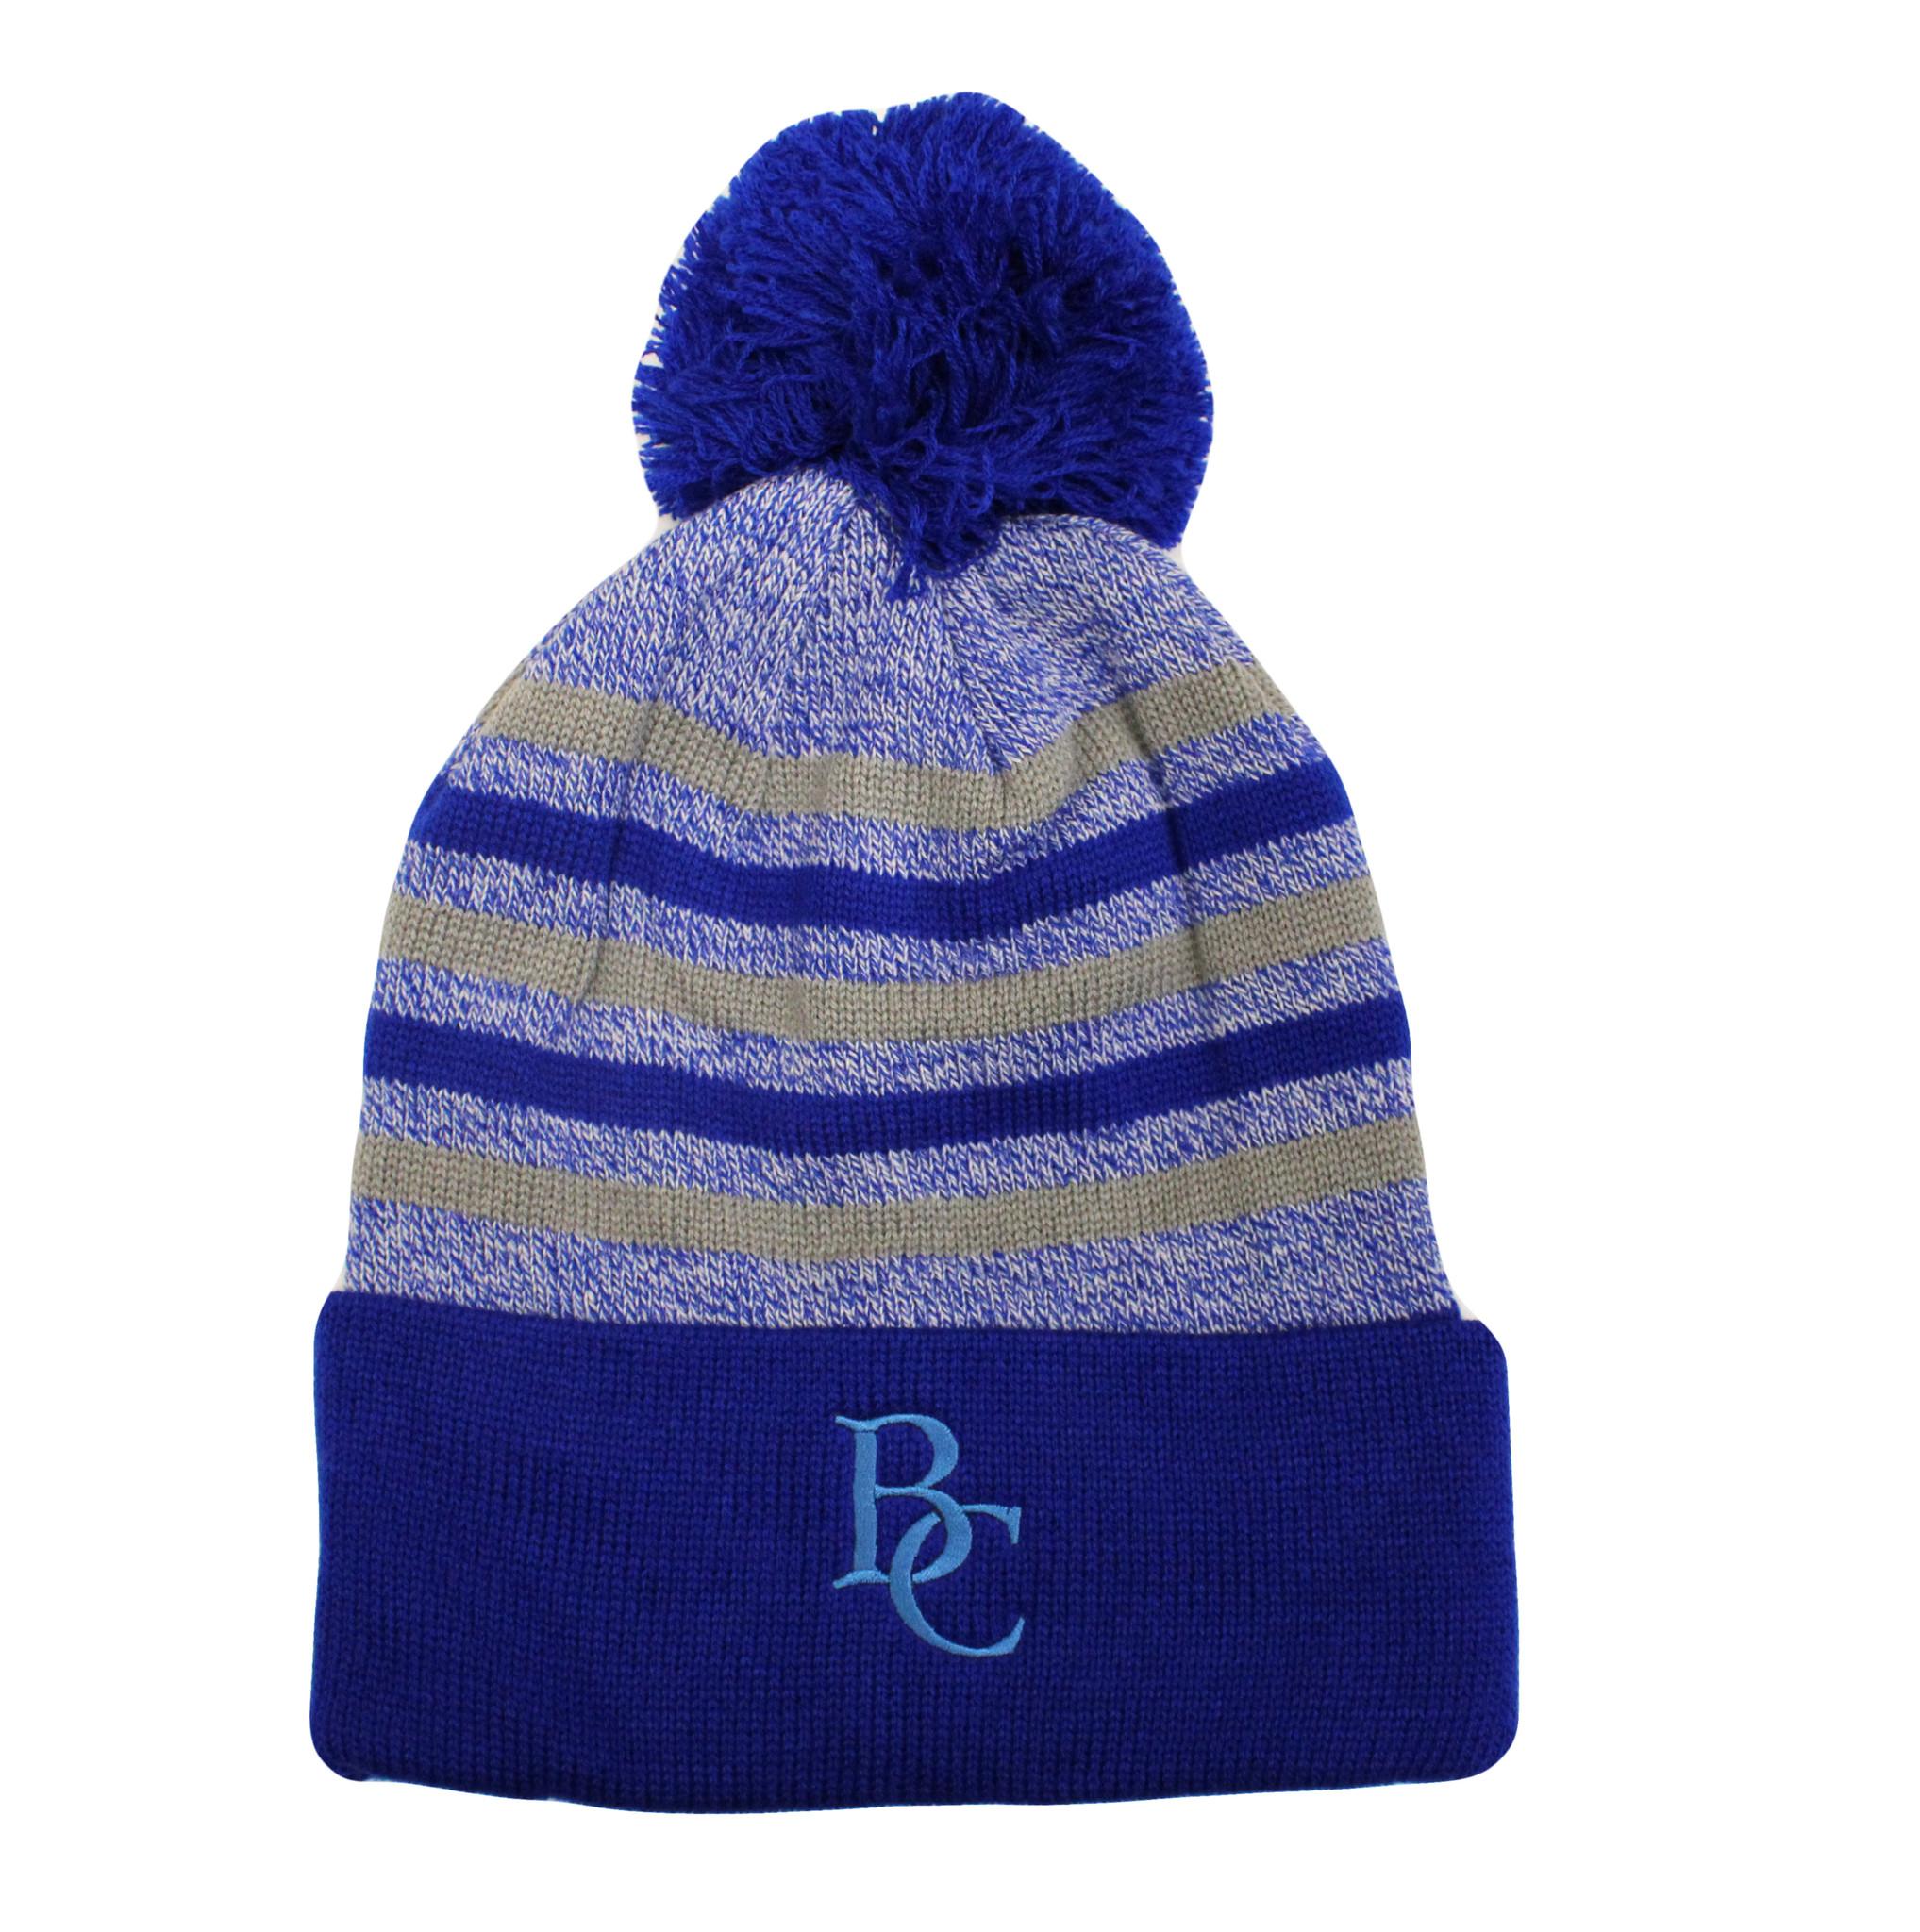 BC Yarn Cuff Hat Royal/Grey-1